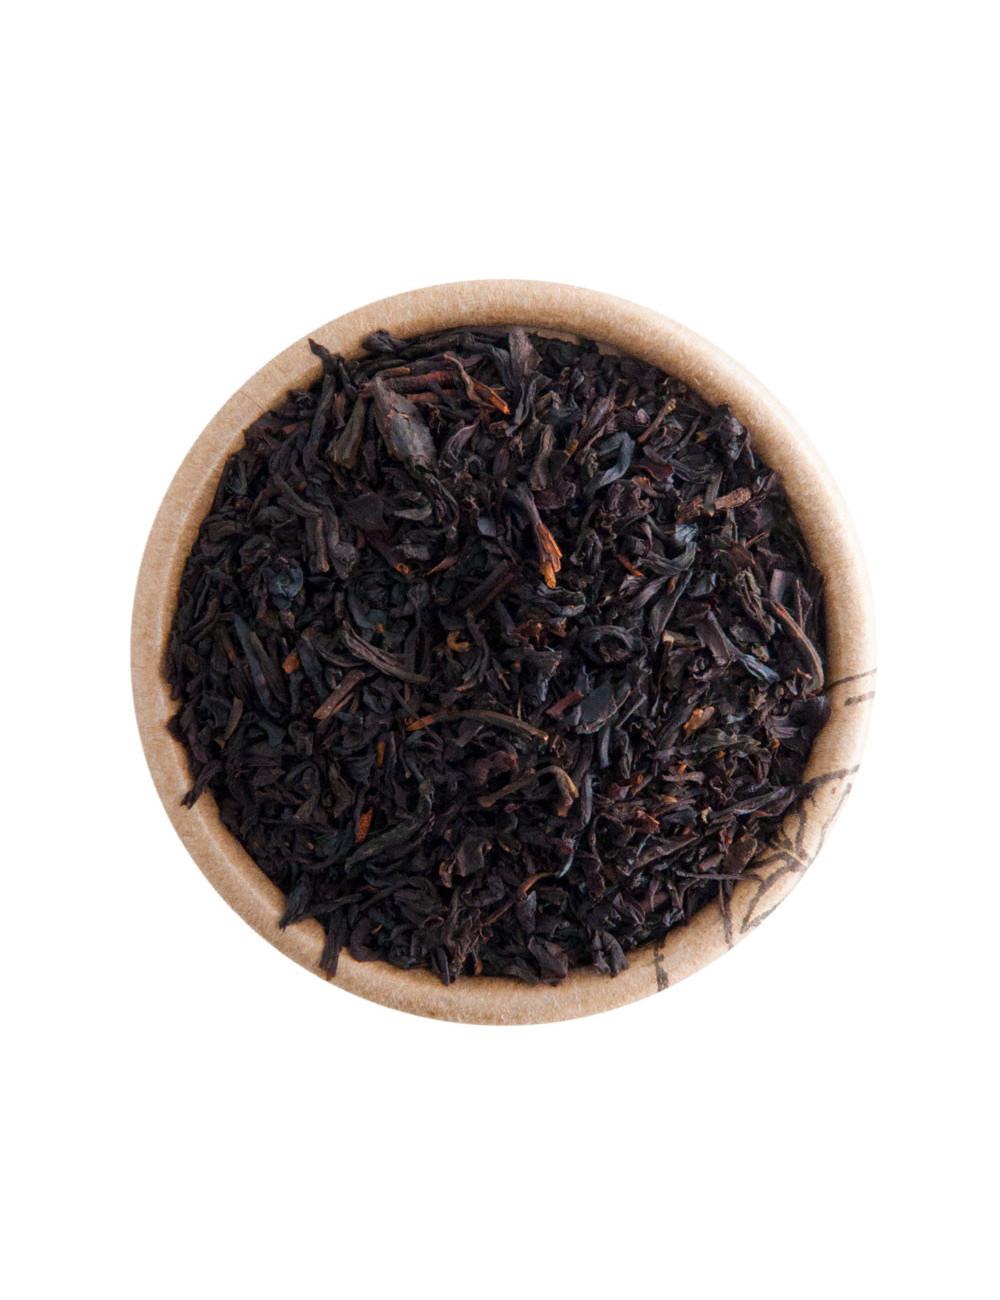 Vaniglia Bourbon tè nero aromatizzato - La Pianta del Tè shop online